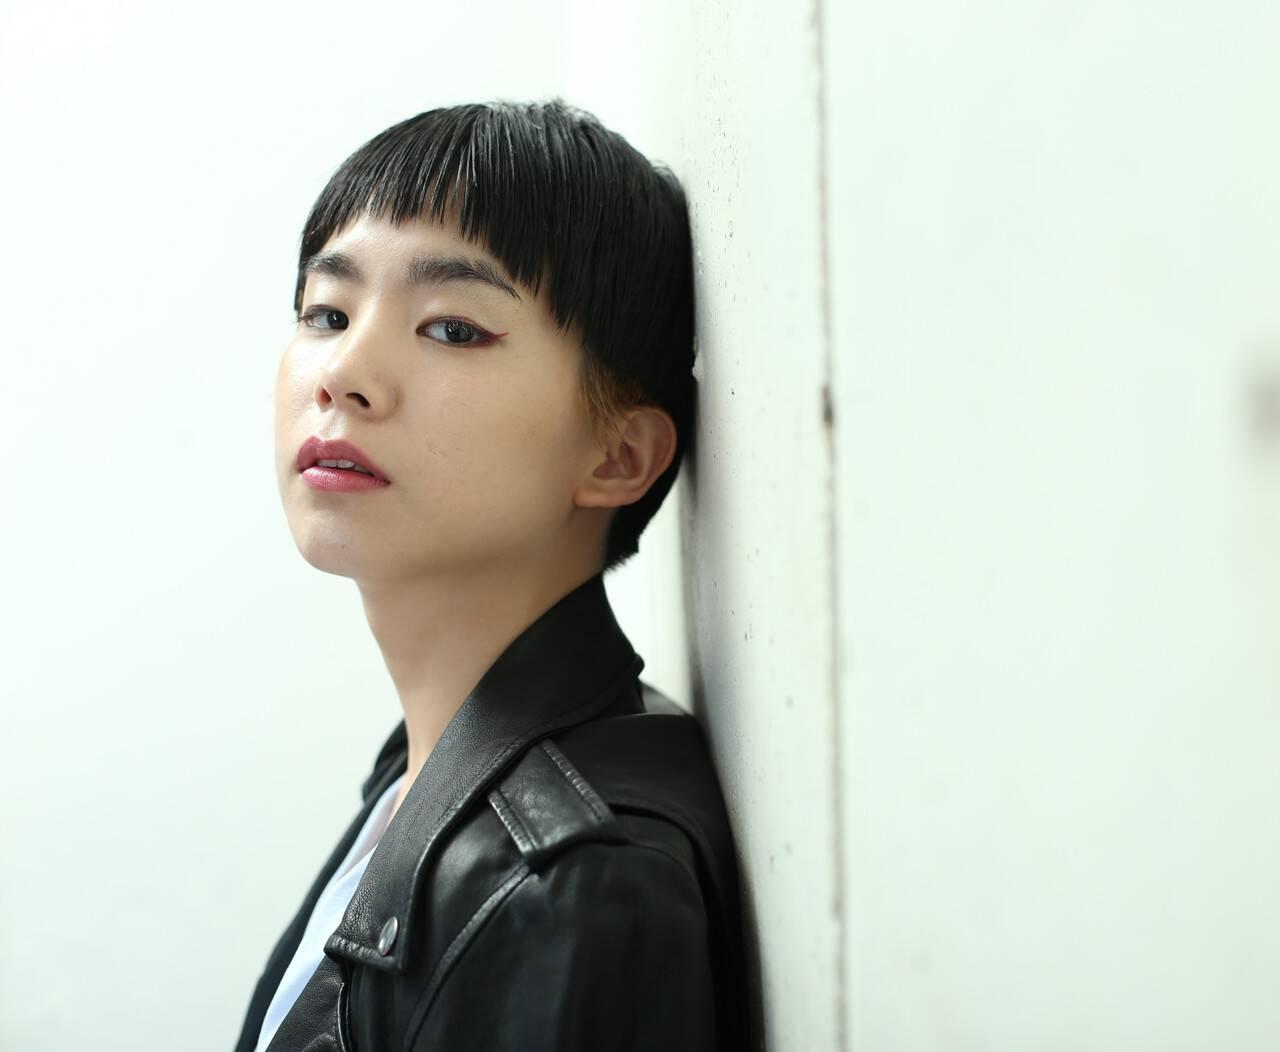 ダブルカラー モード ショート 黒髪ヘアスタイルや髪型の写真・画像